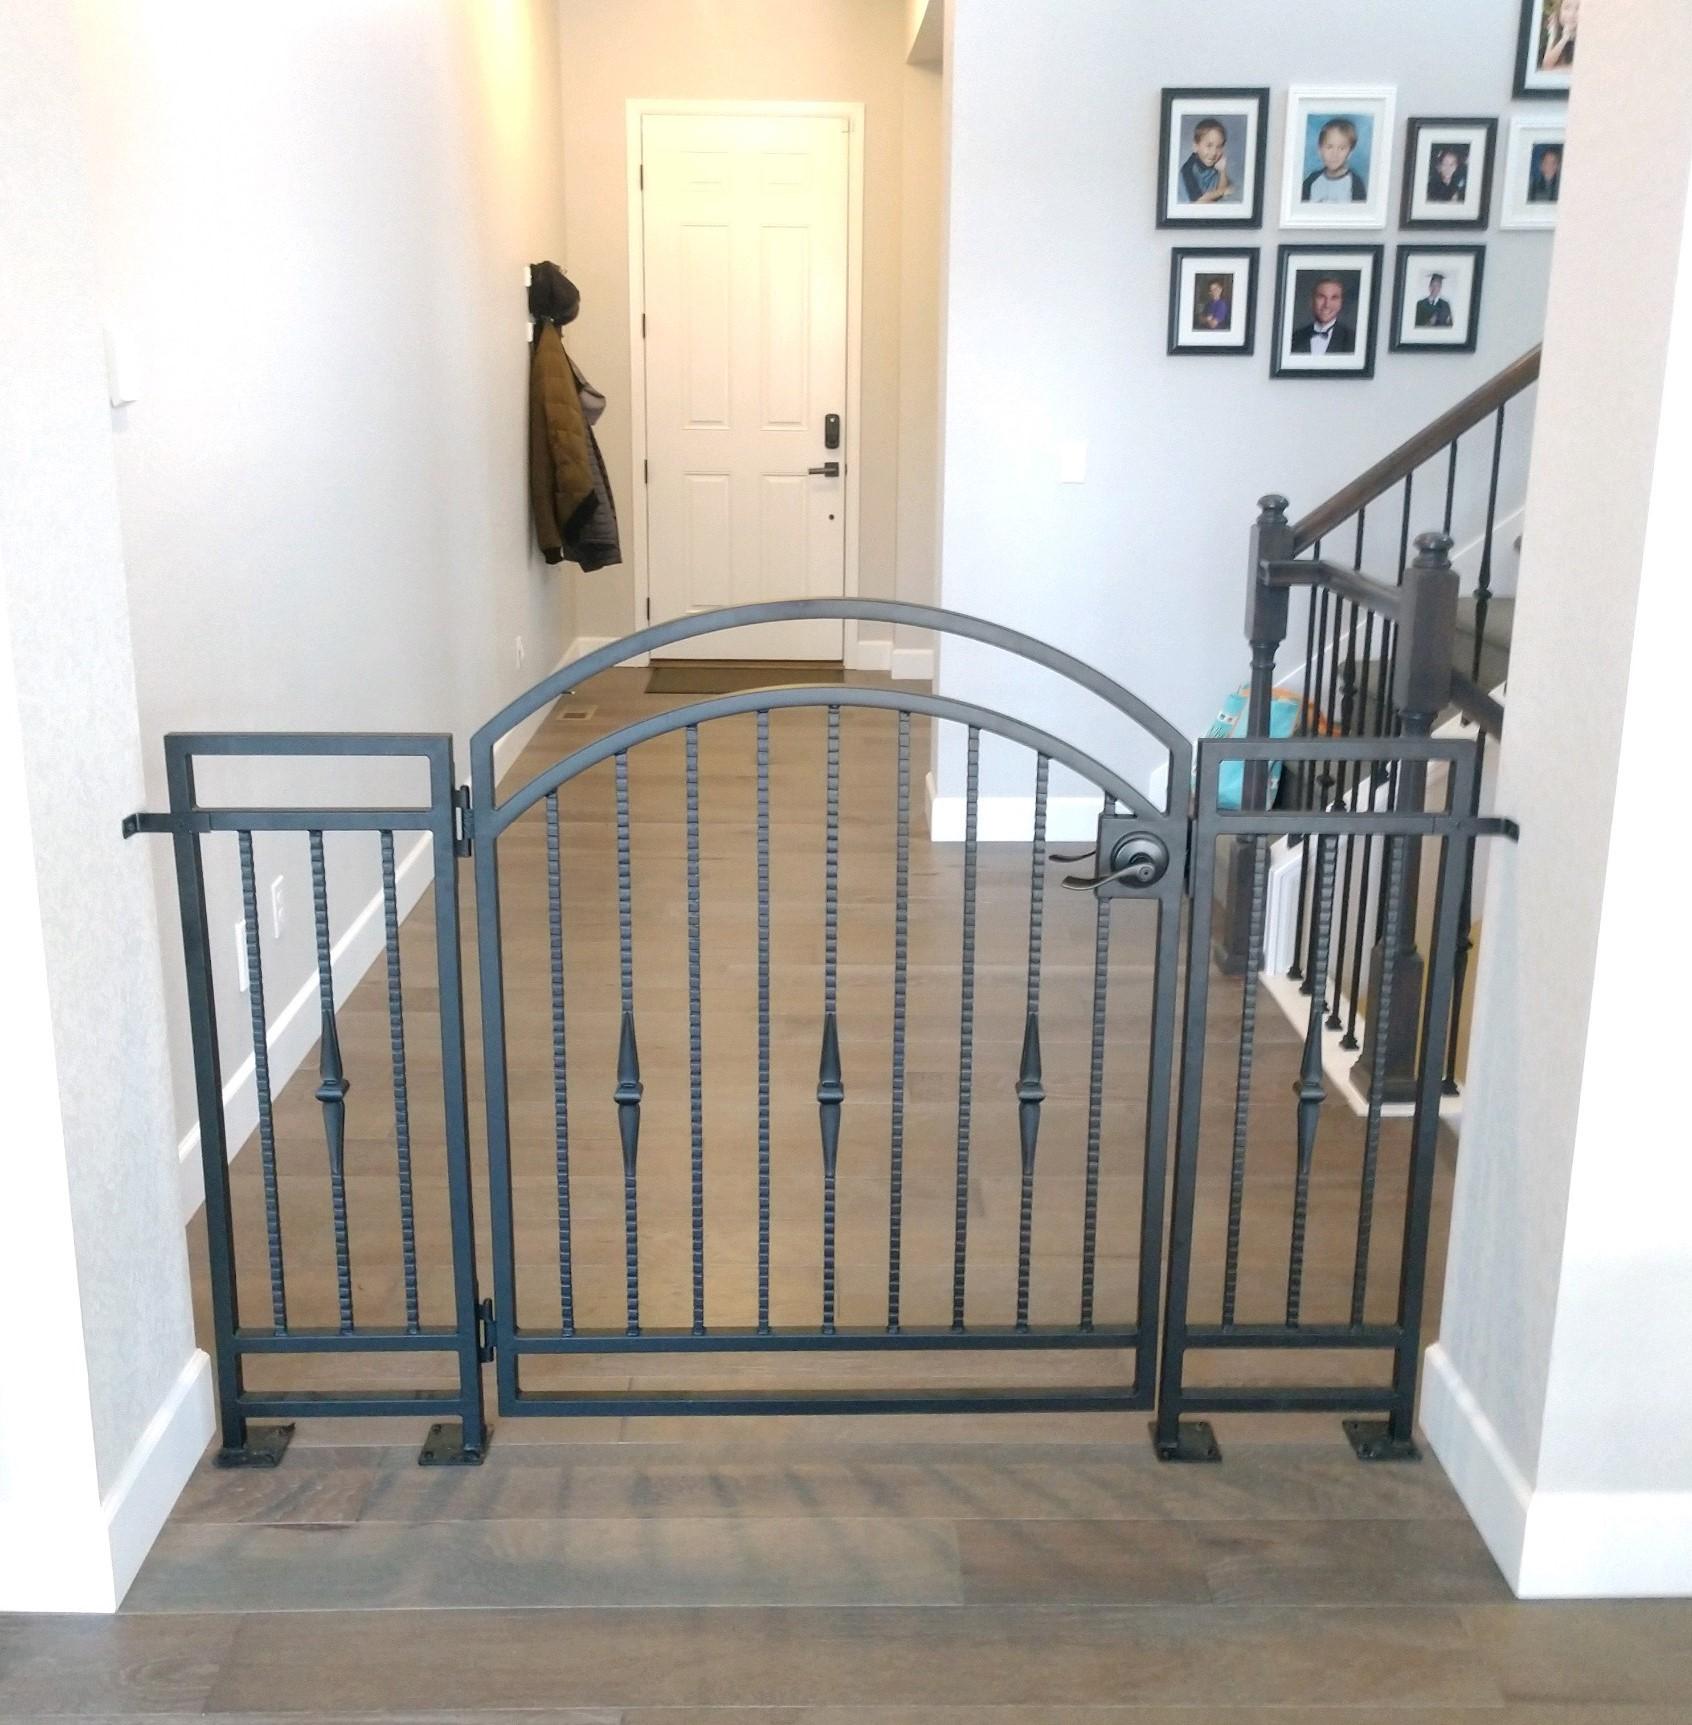 int-gate